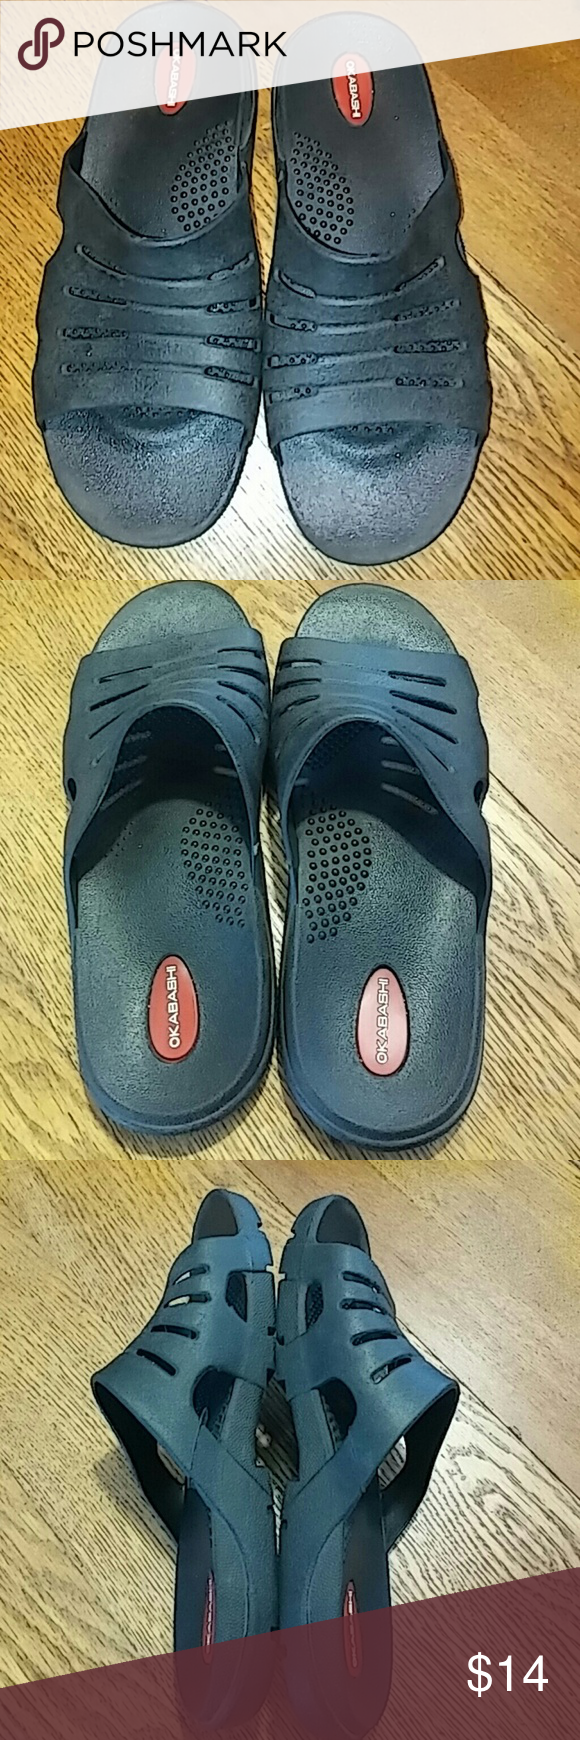 Okabashi Slide Pool, Beach, Shower Sandal Great condition Okabashi Slide Pool, Beach, Shower Sandal. Size L. Black. Instep support. Okabashi Shoes Sandals